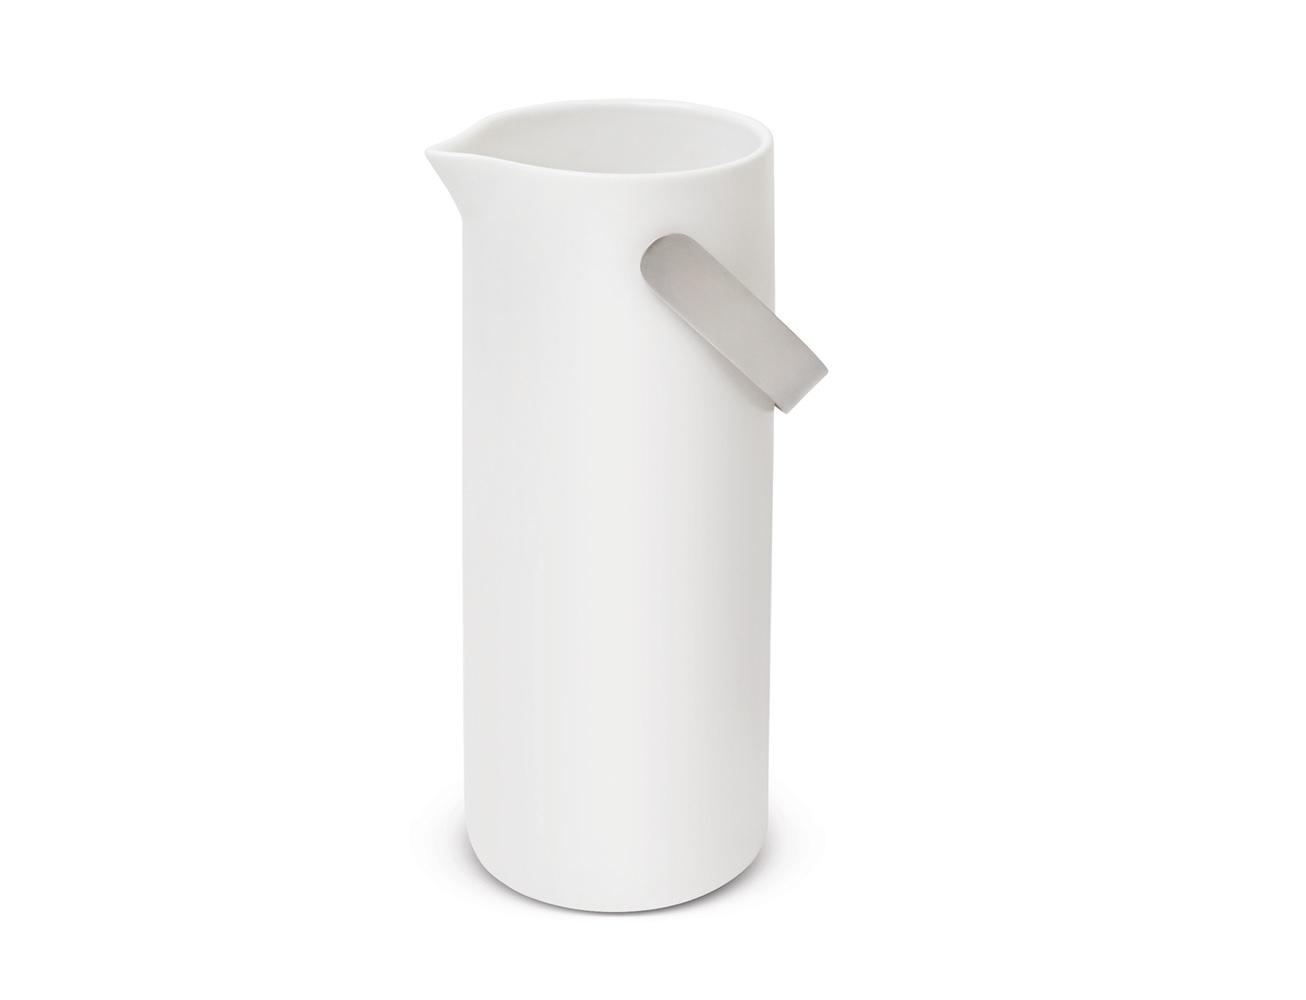 Кувшин для воды SavoreКувшины и графины<br><br><br>Material: Керамика<br>Высота см: 25